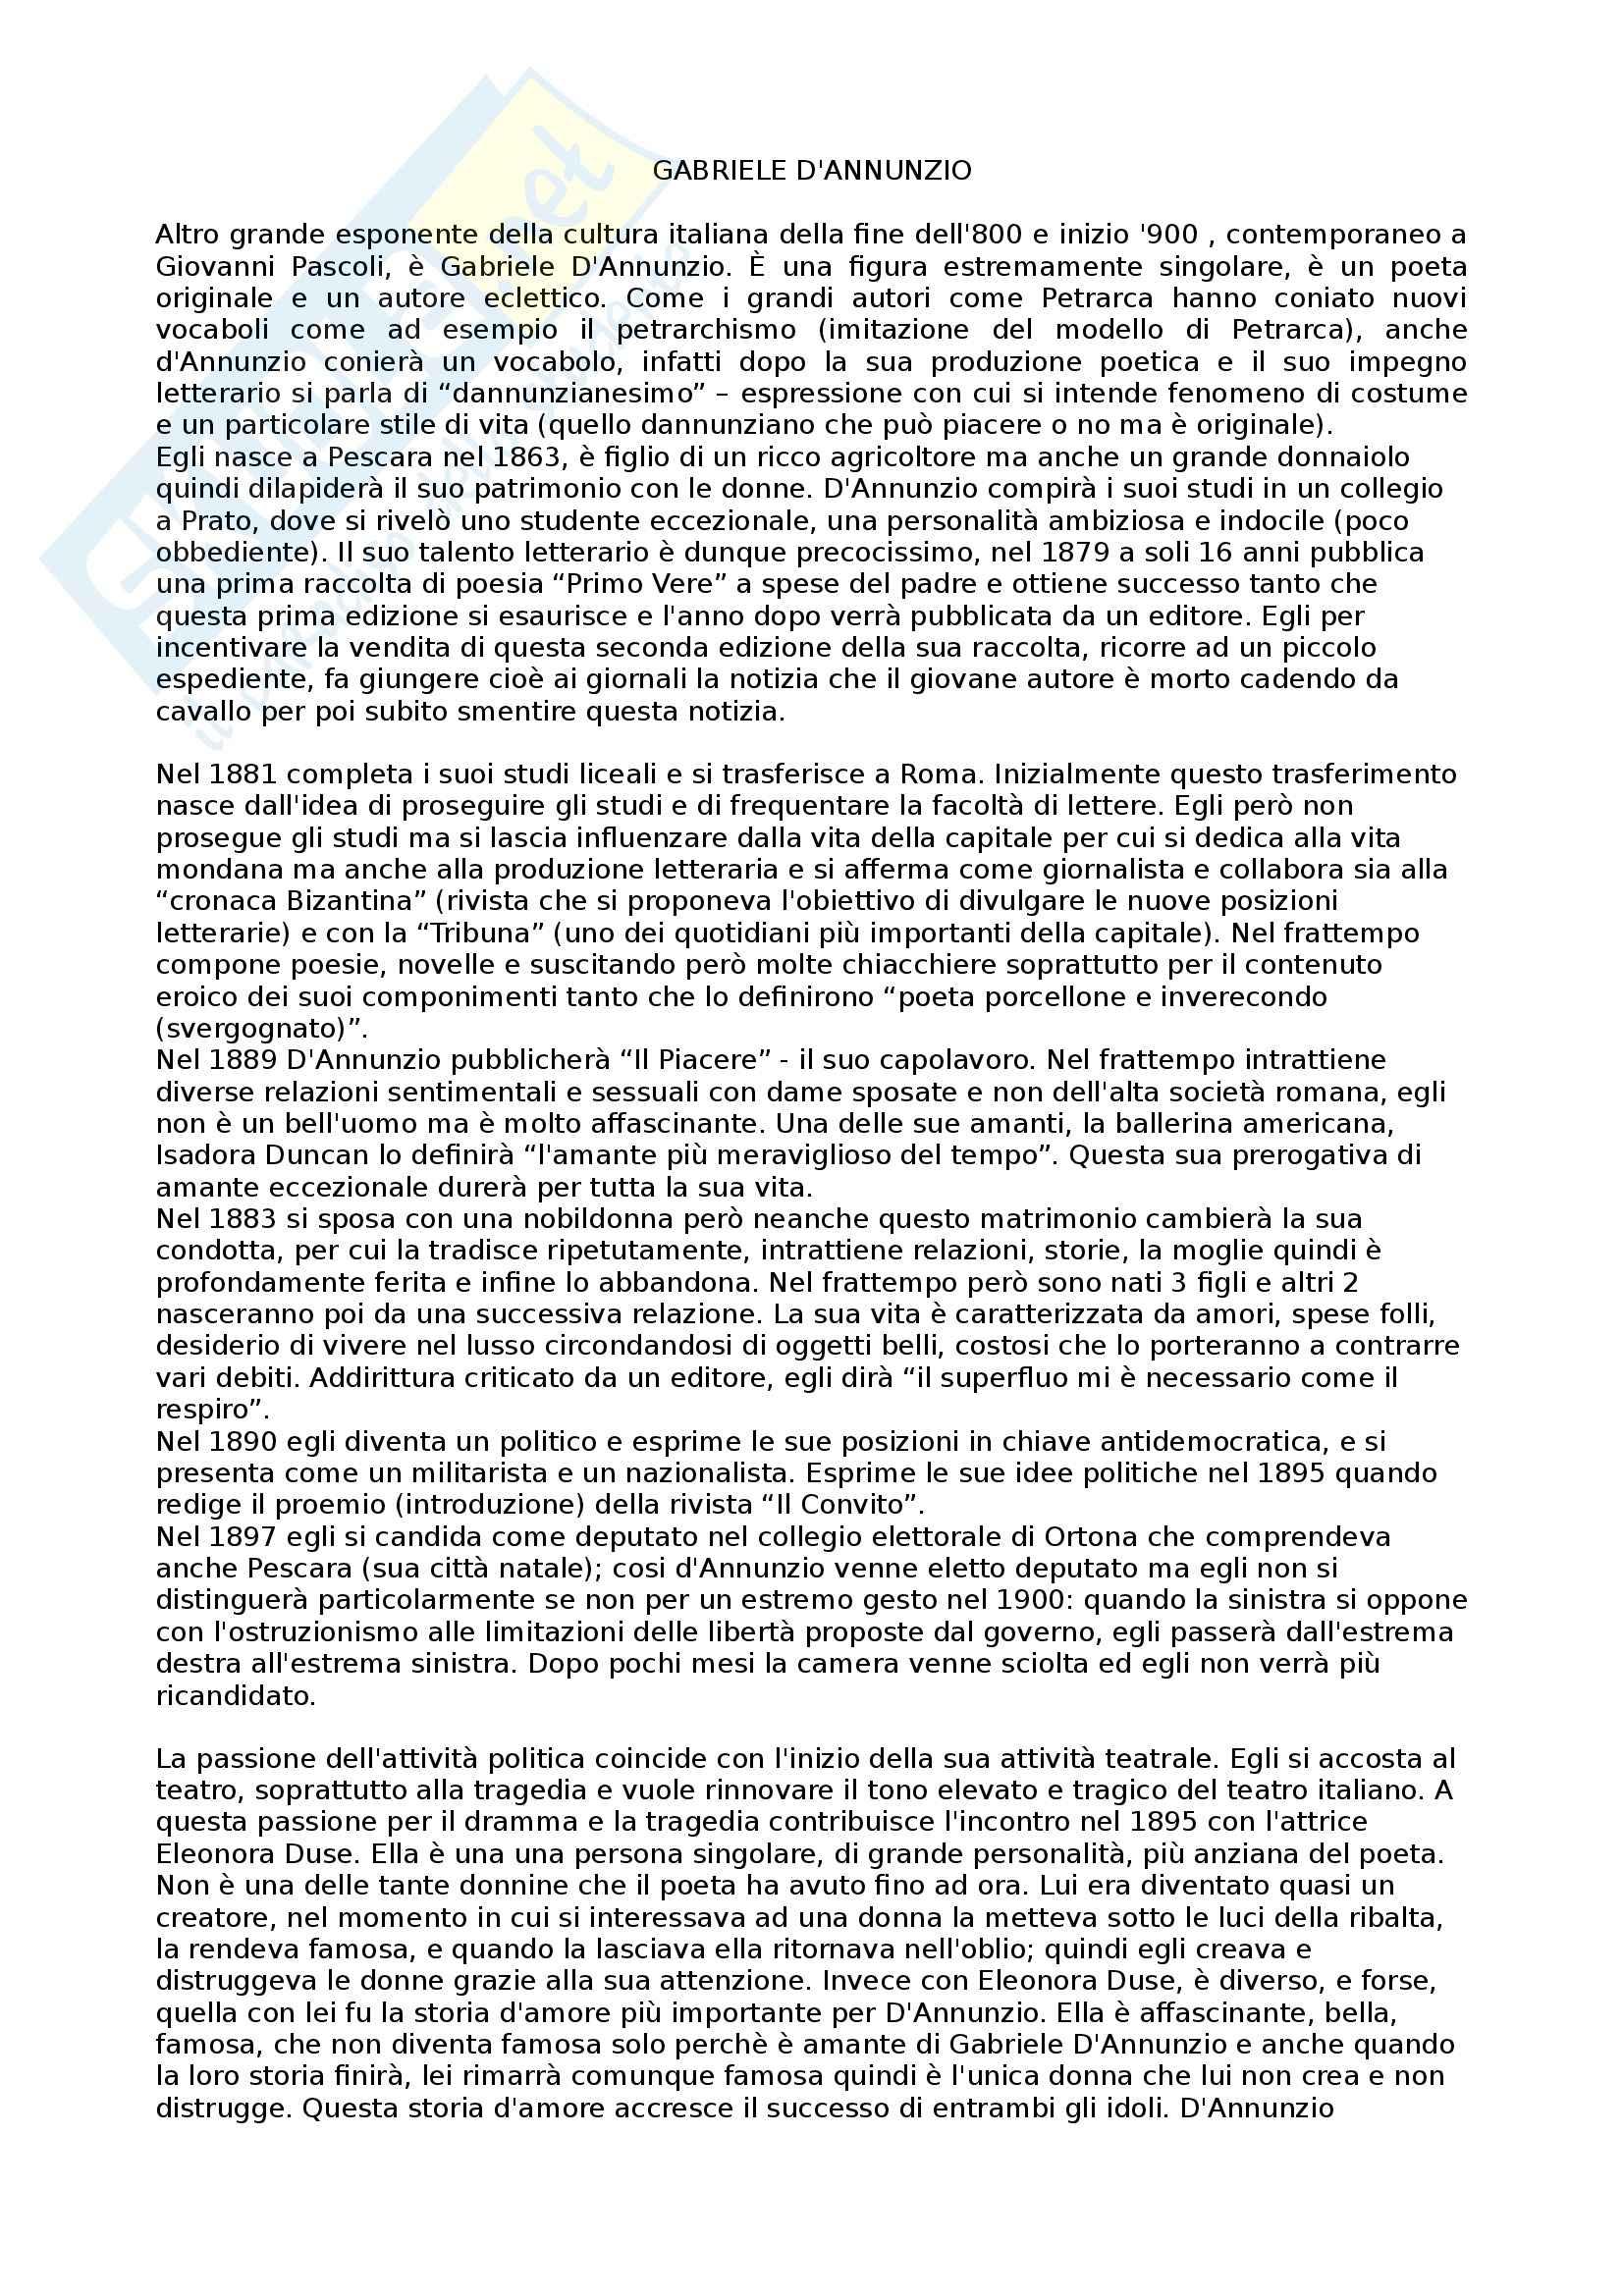 Letteratura italiana -Gabriele D'Annunzio